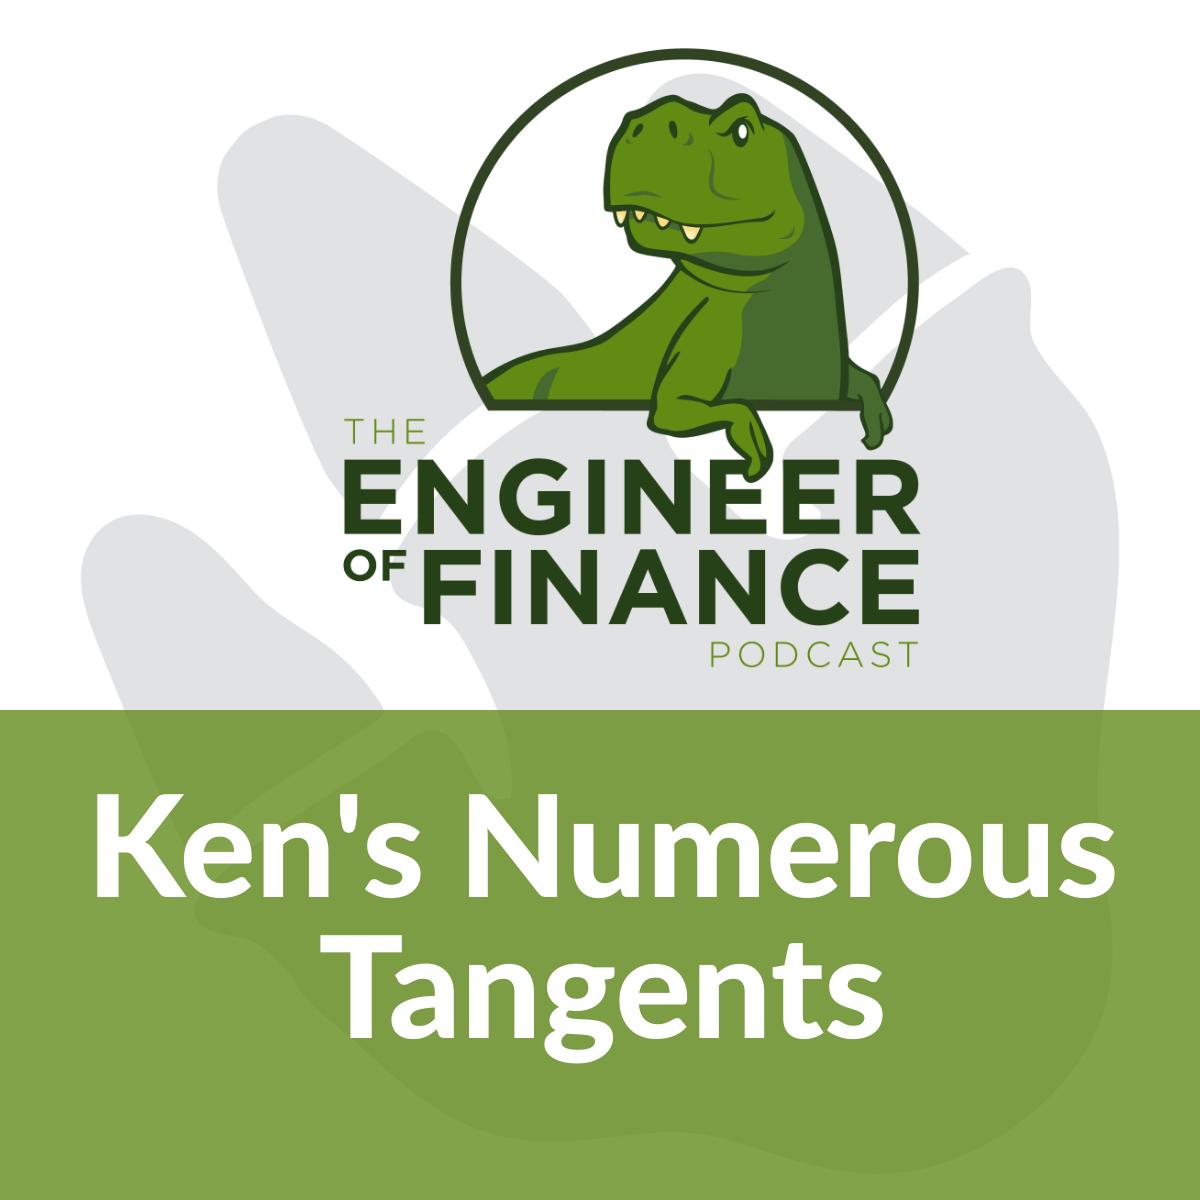 Ken's Numerous Tangents – Episode 136